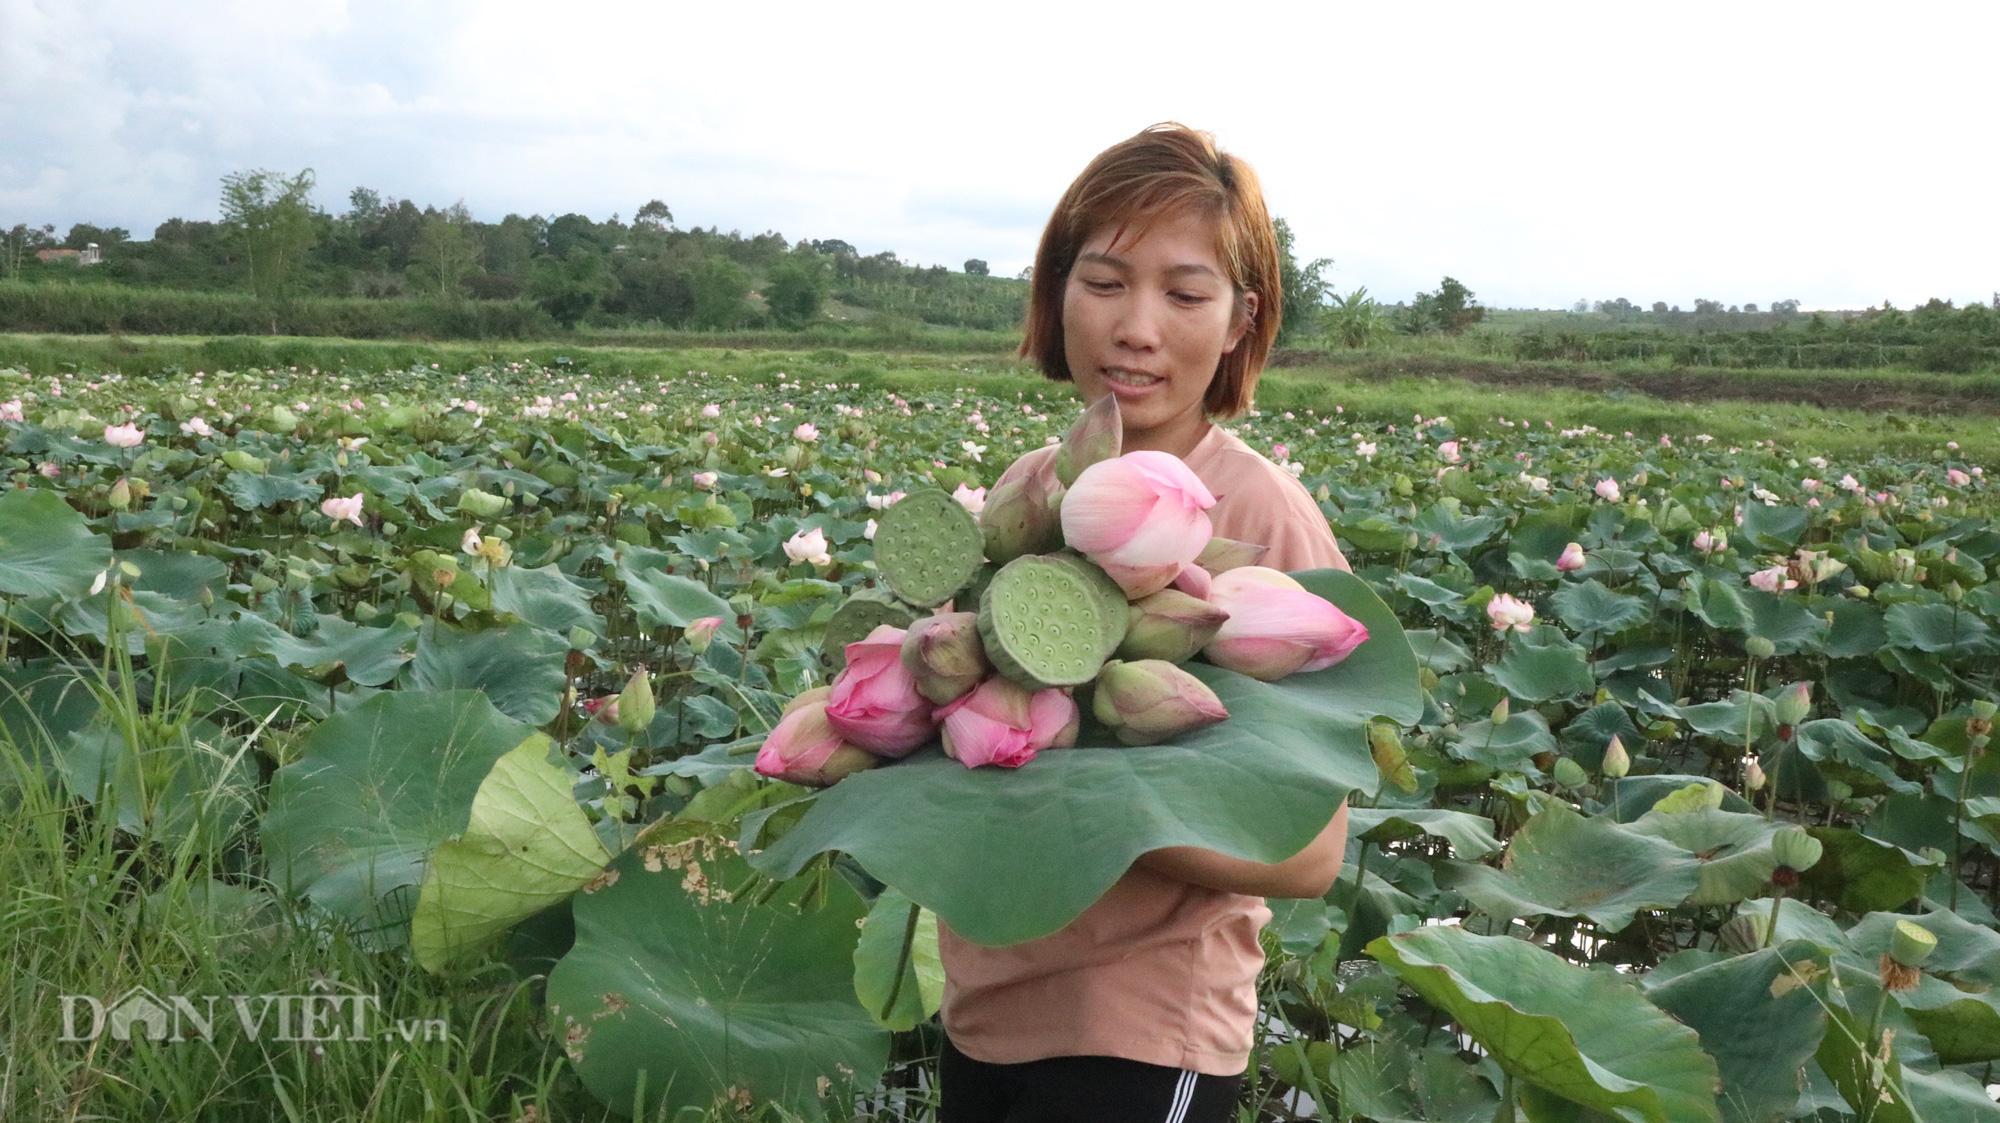 Nghề trồng sen cho thu nhập gấp 5-7 lần nghề trồng lúa. Ảnh: Danviet.vn